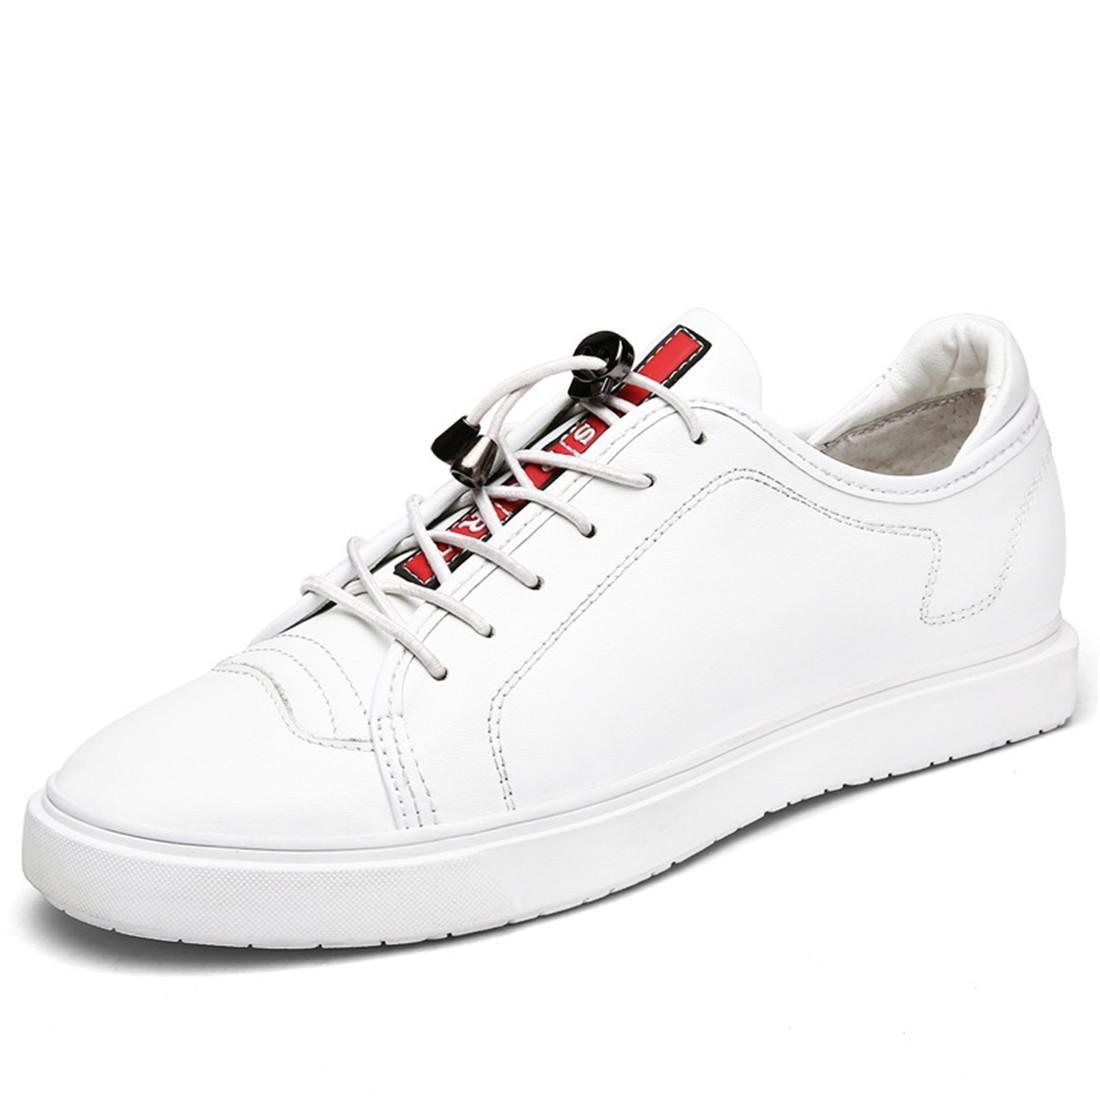 Herren Flache Schuhe Freizeit Lederschuhe Mode Lässige Schuhe Licht Gemütlich Große Größe EUR GRÖSSE 39-46